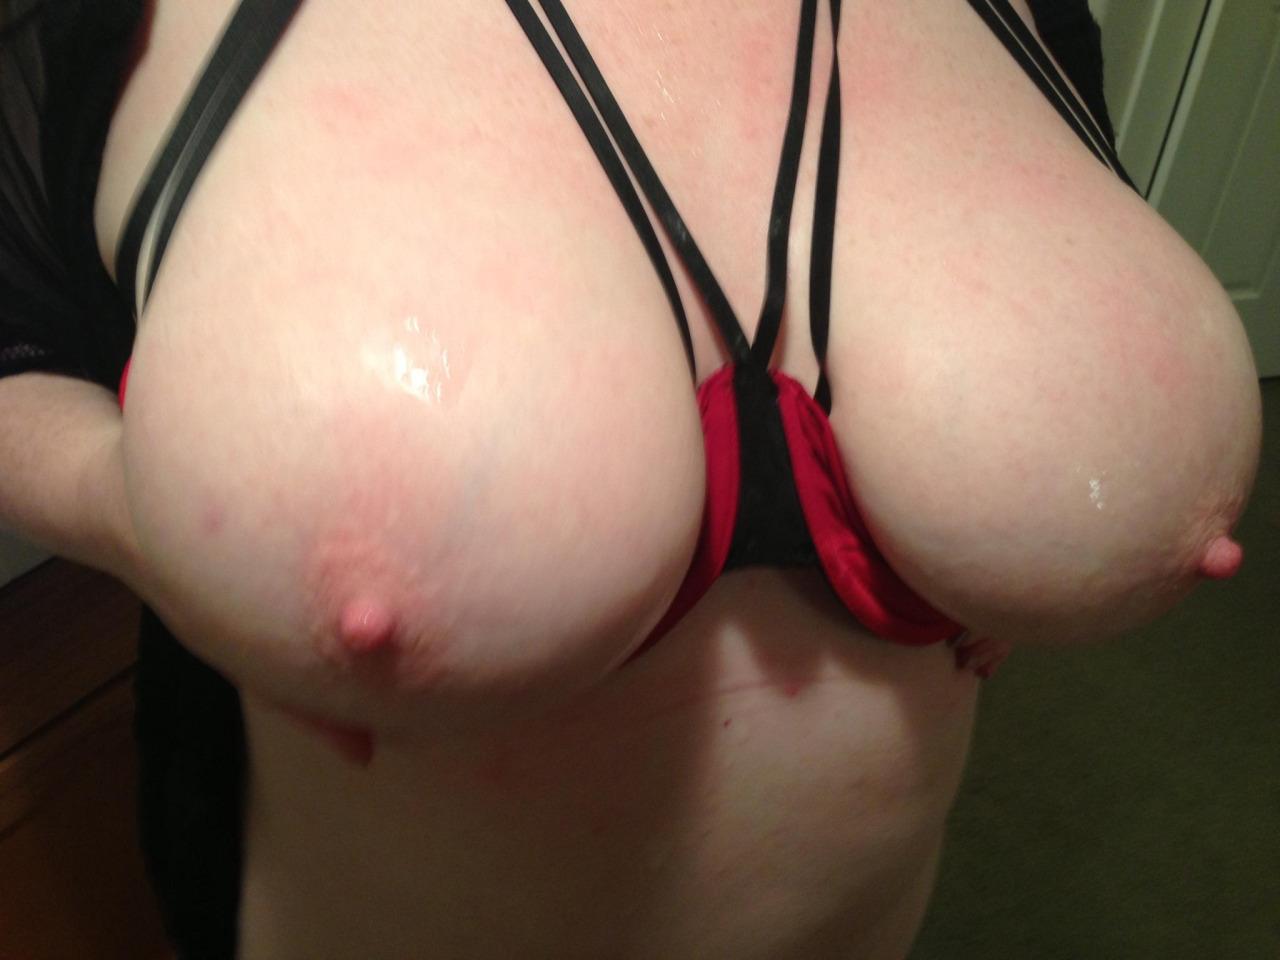 【美乳エロ画像】あくまで胸の形を整えるためw隠す事をやめた丸出しブラとおっぱい(;゚Д゚)